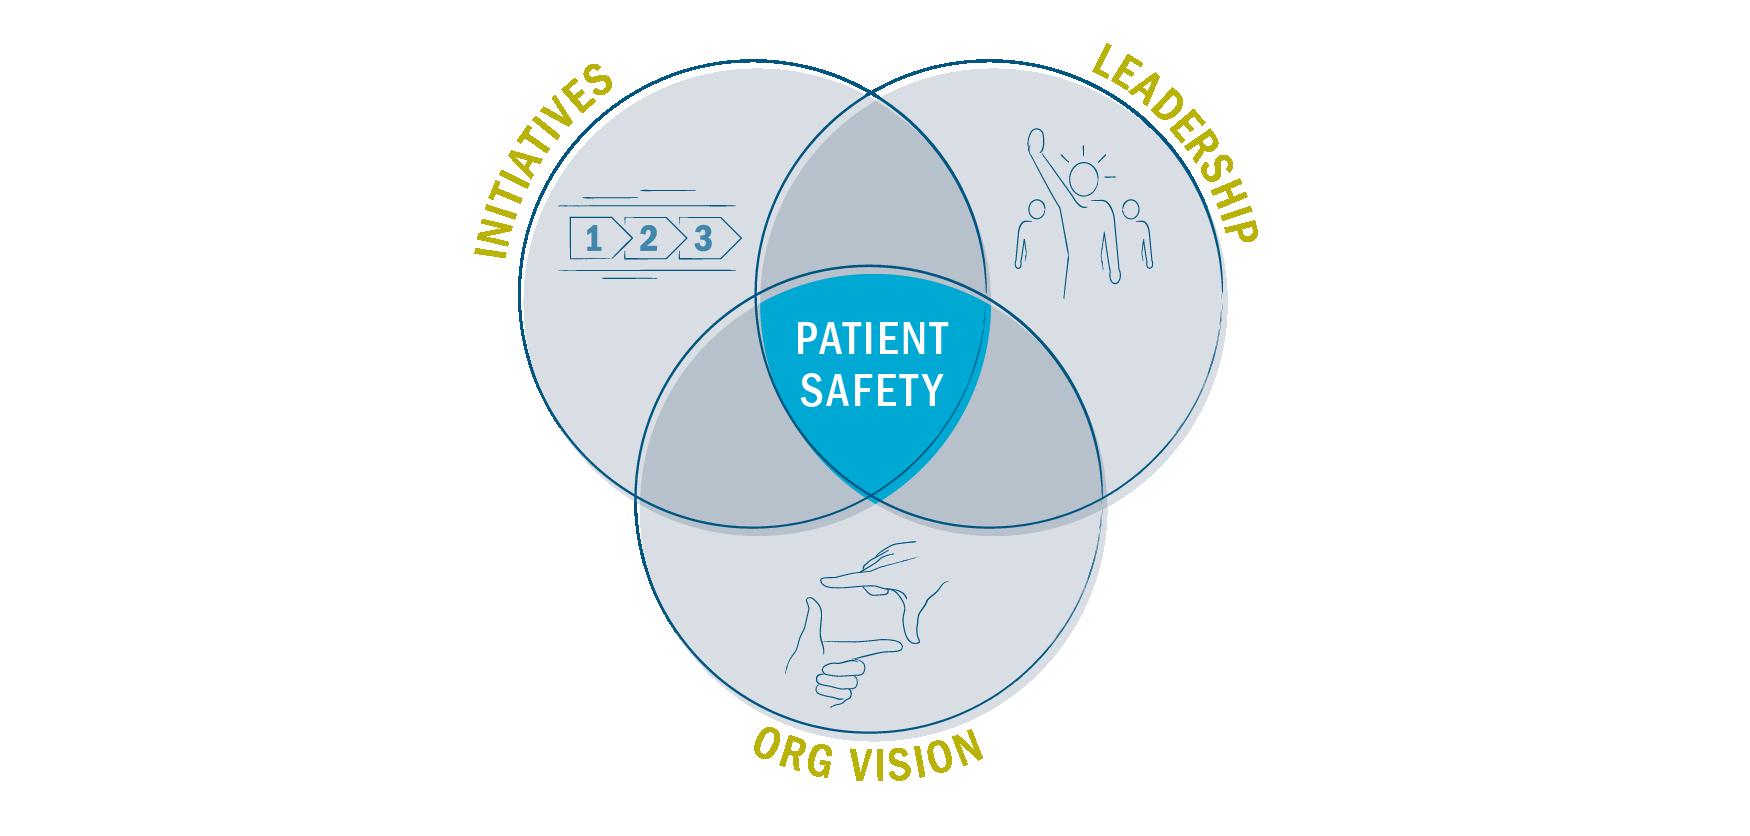 Venn diagram of patient safety factors